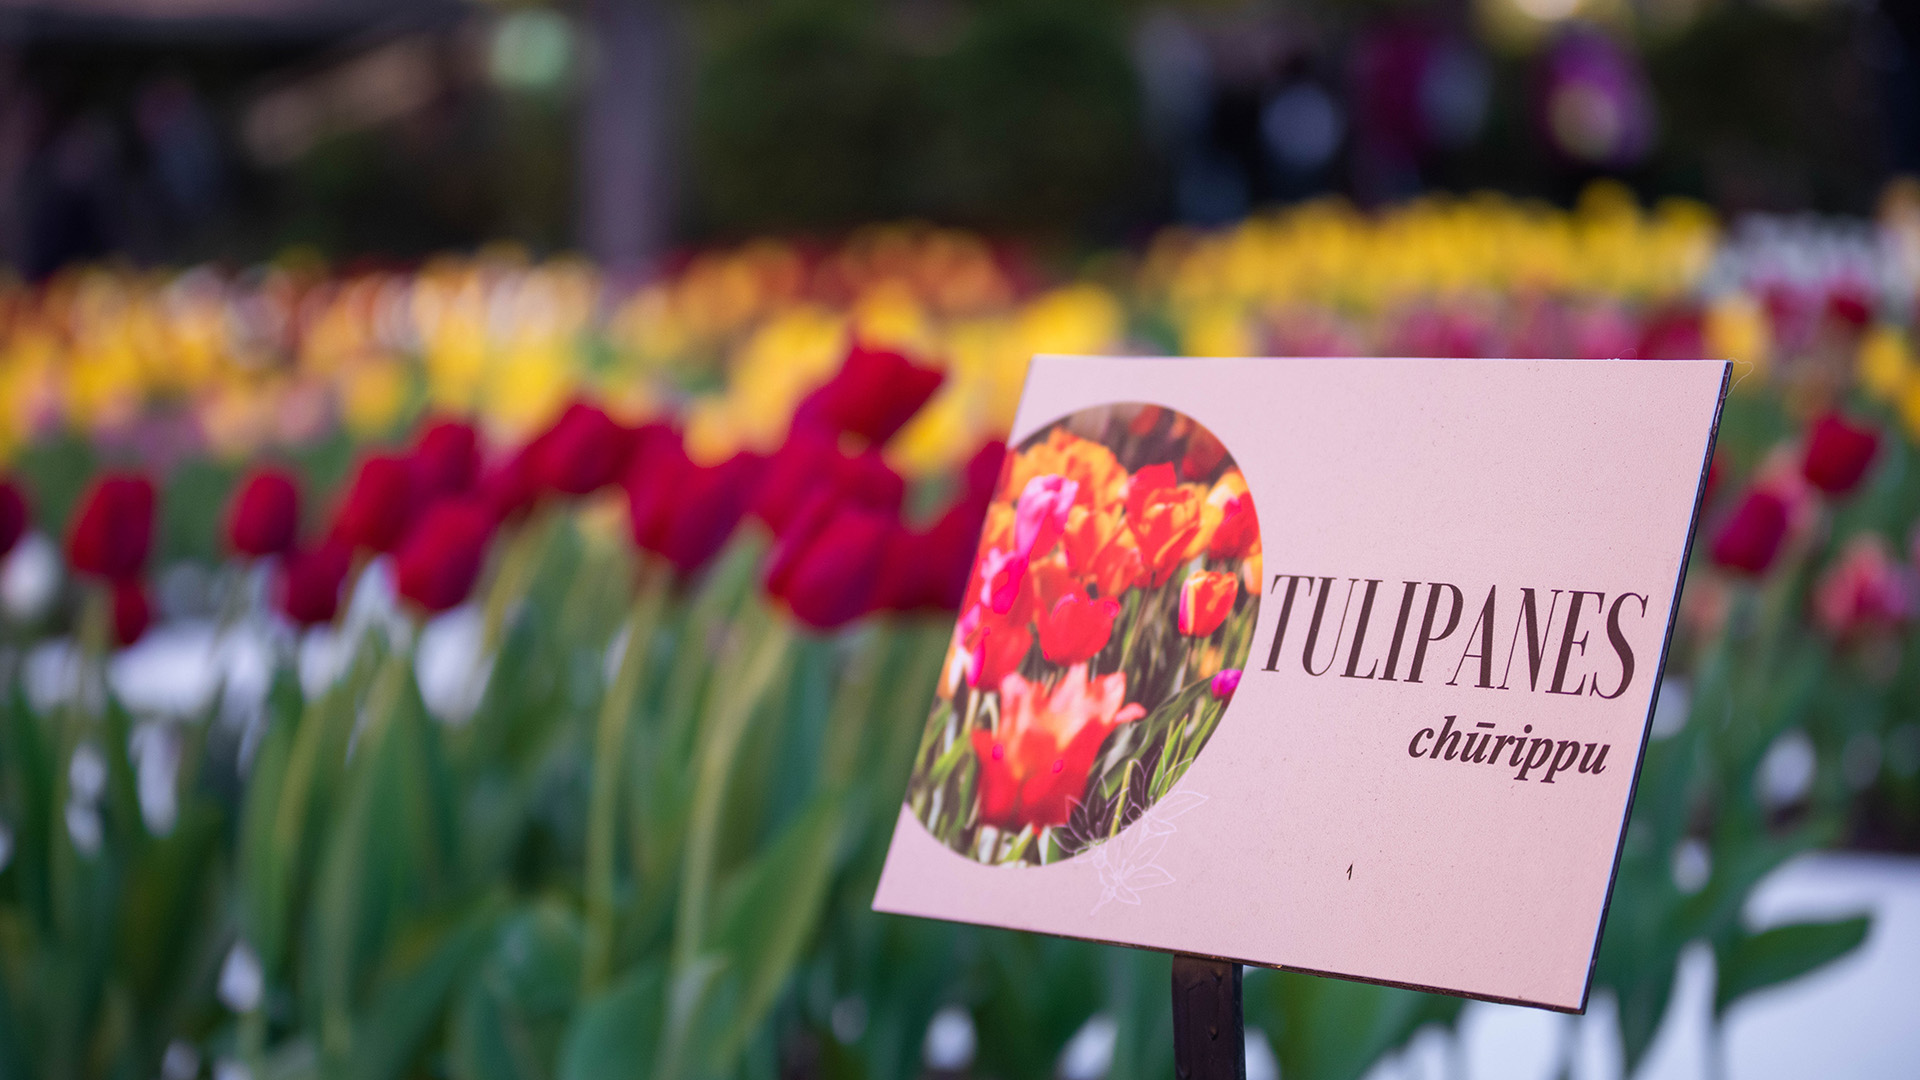 """""""Churippu""""es el término japonés para designar a estas flores"""